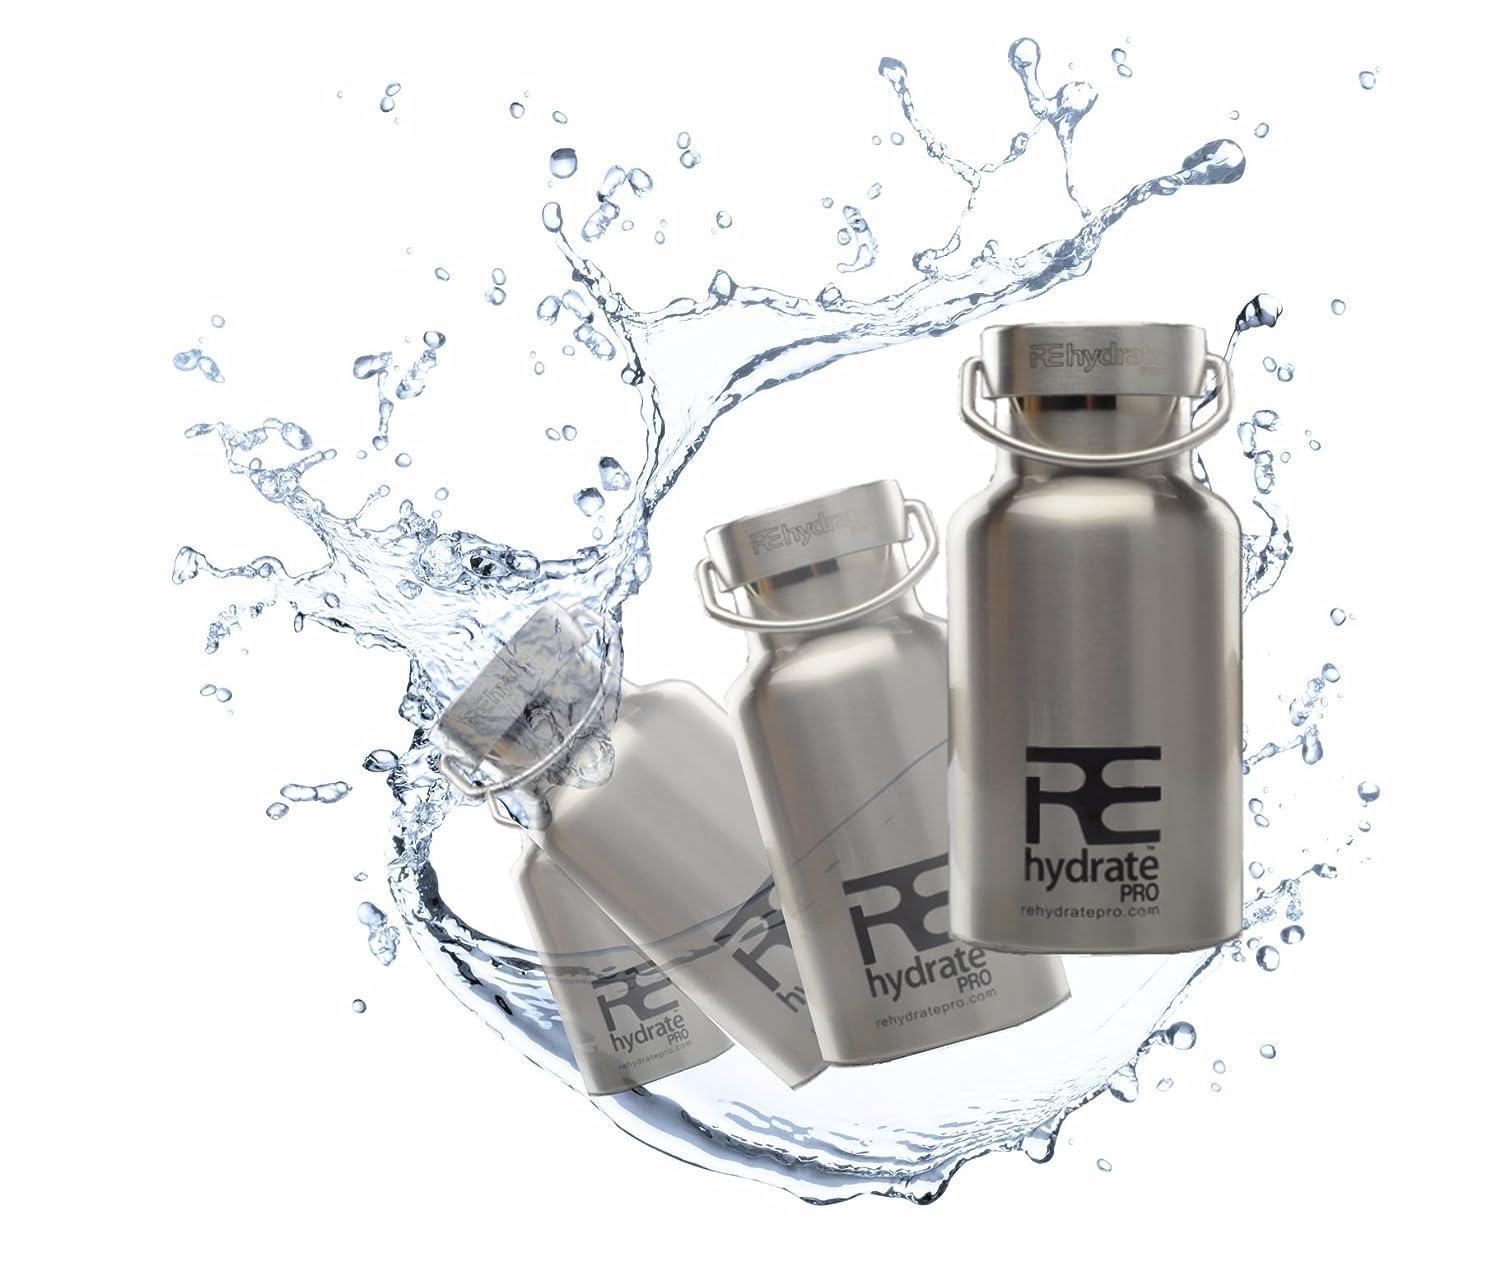 Rehydrate Pro Junior niños y respetuoso con el medio ambiente de acero inoxidable con aislamiento para bebidas calientes o frías y viajes.